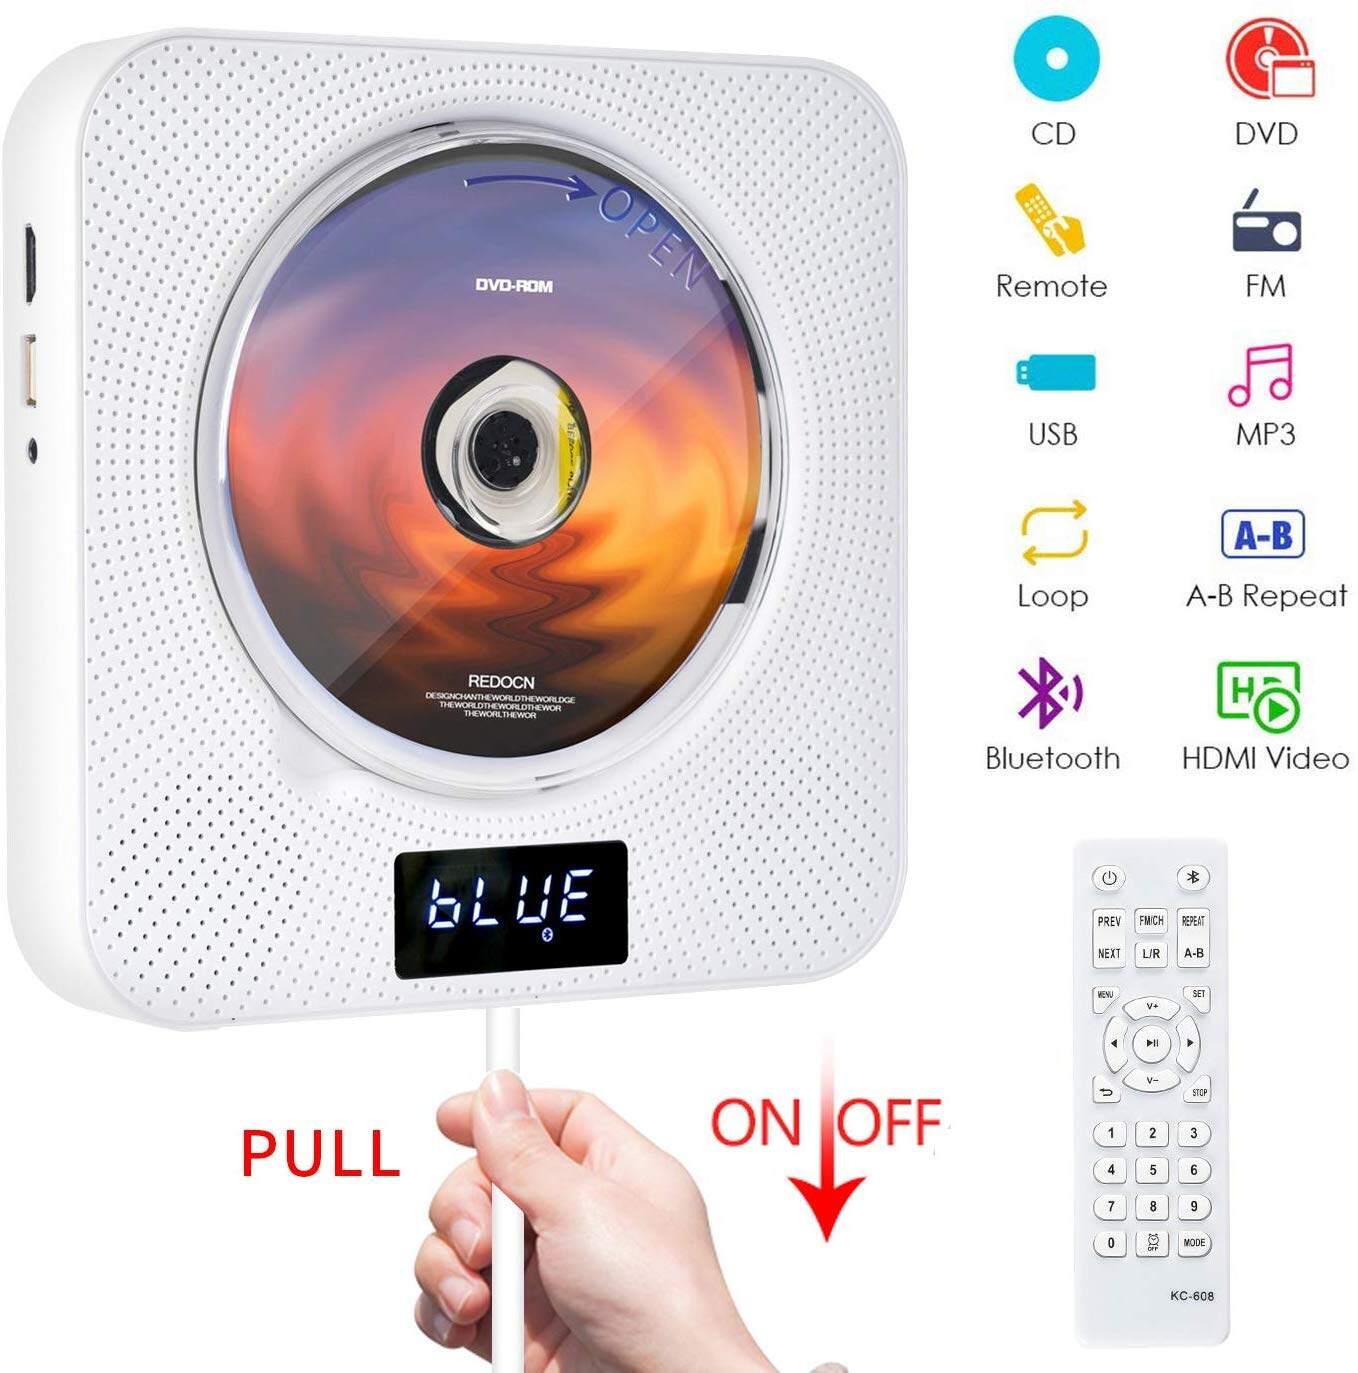 เครื่องเล่น Dvd / Cd พกพาพร้อม Bluetooth, เครื่องเล่นเพลง Cd ติดผนังได้พร้อมรีโมท Hdmi สำหรับ Tv Home Cd พกพาพร้อมวิทยุ Fm ลำโพงไฮไฟในตัว.